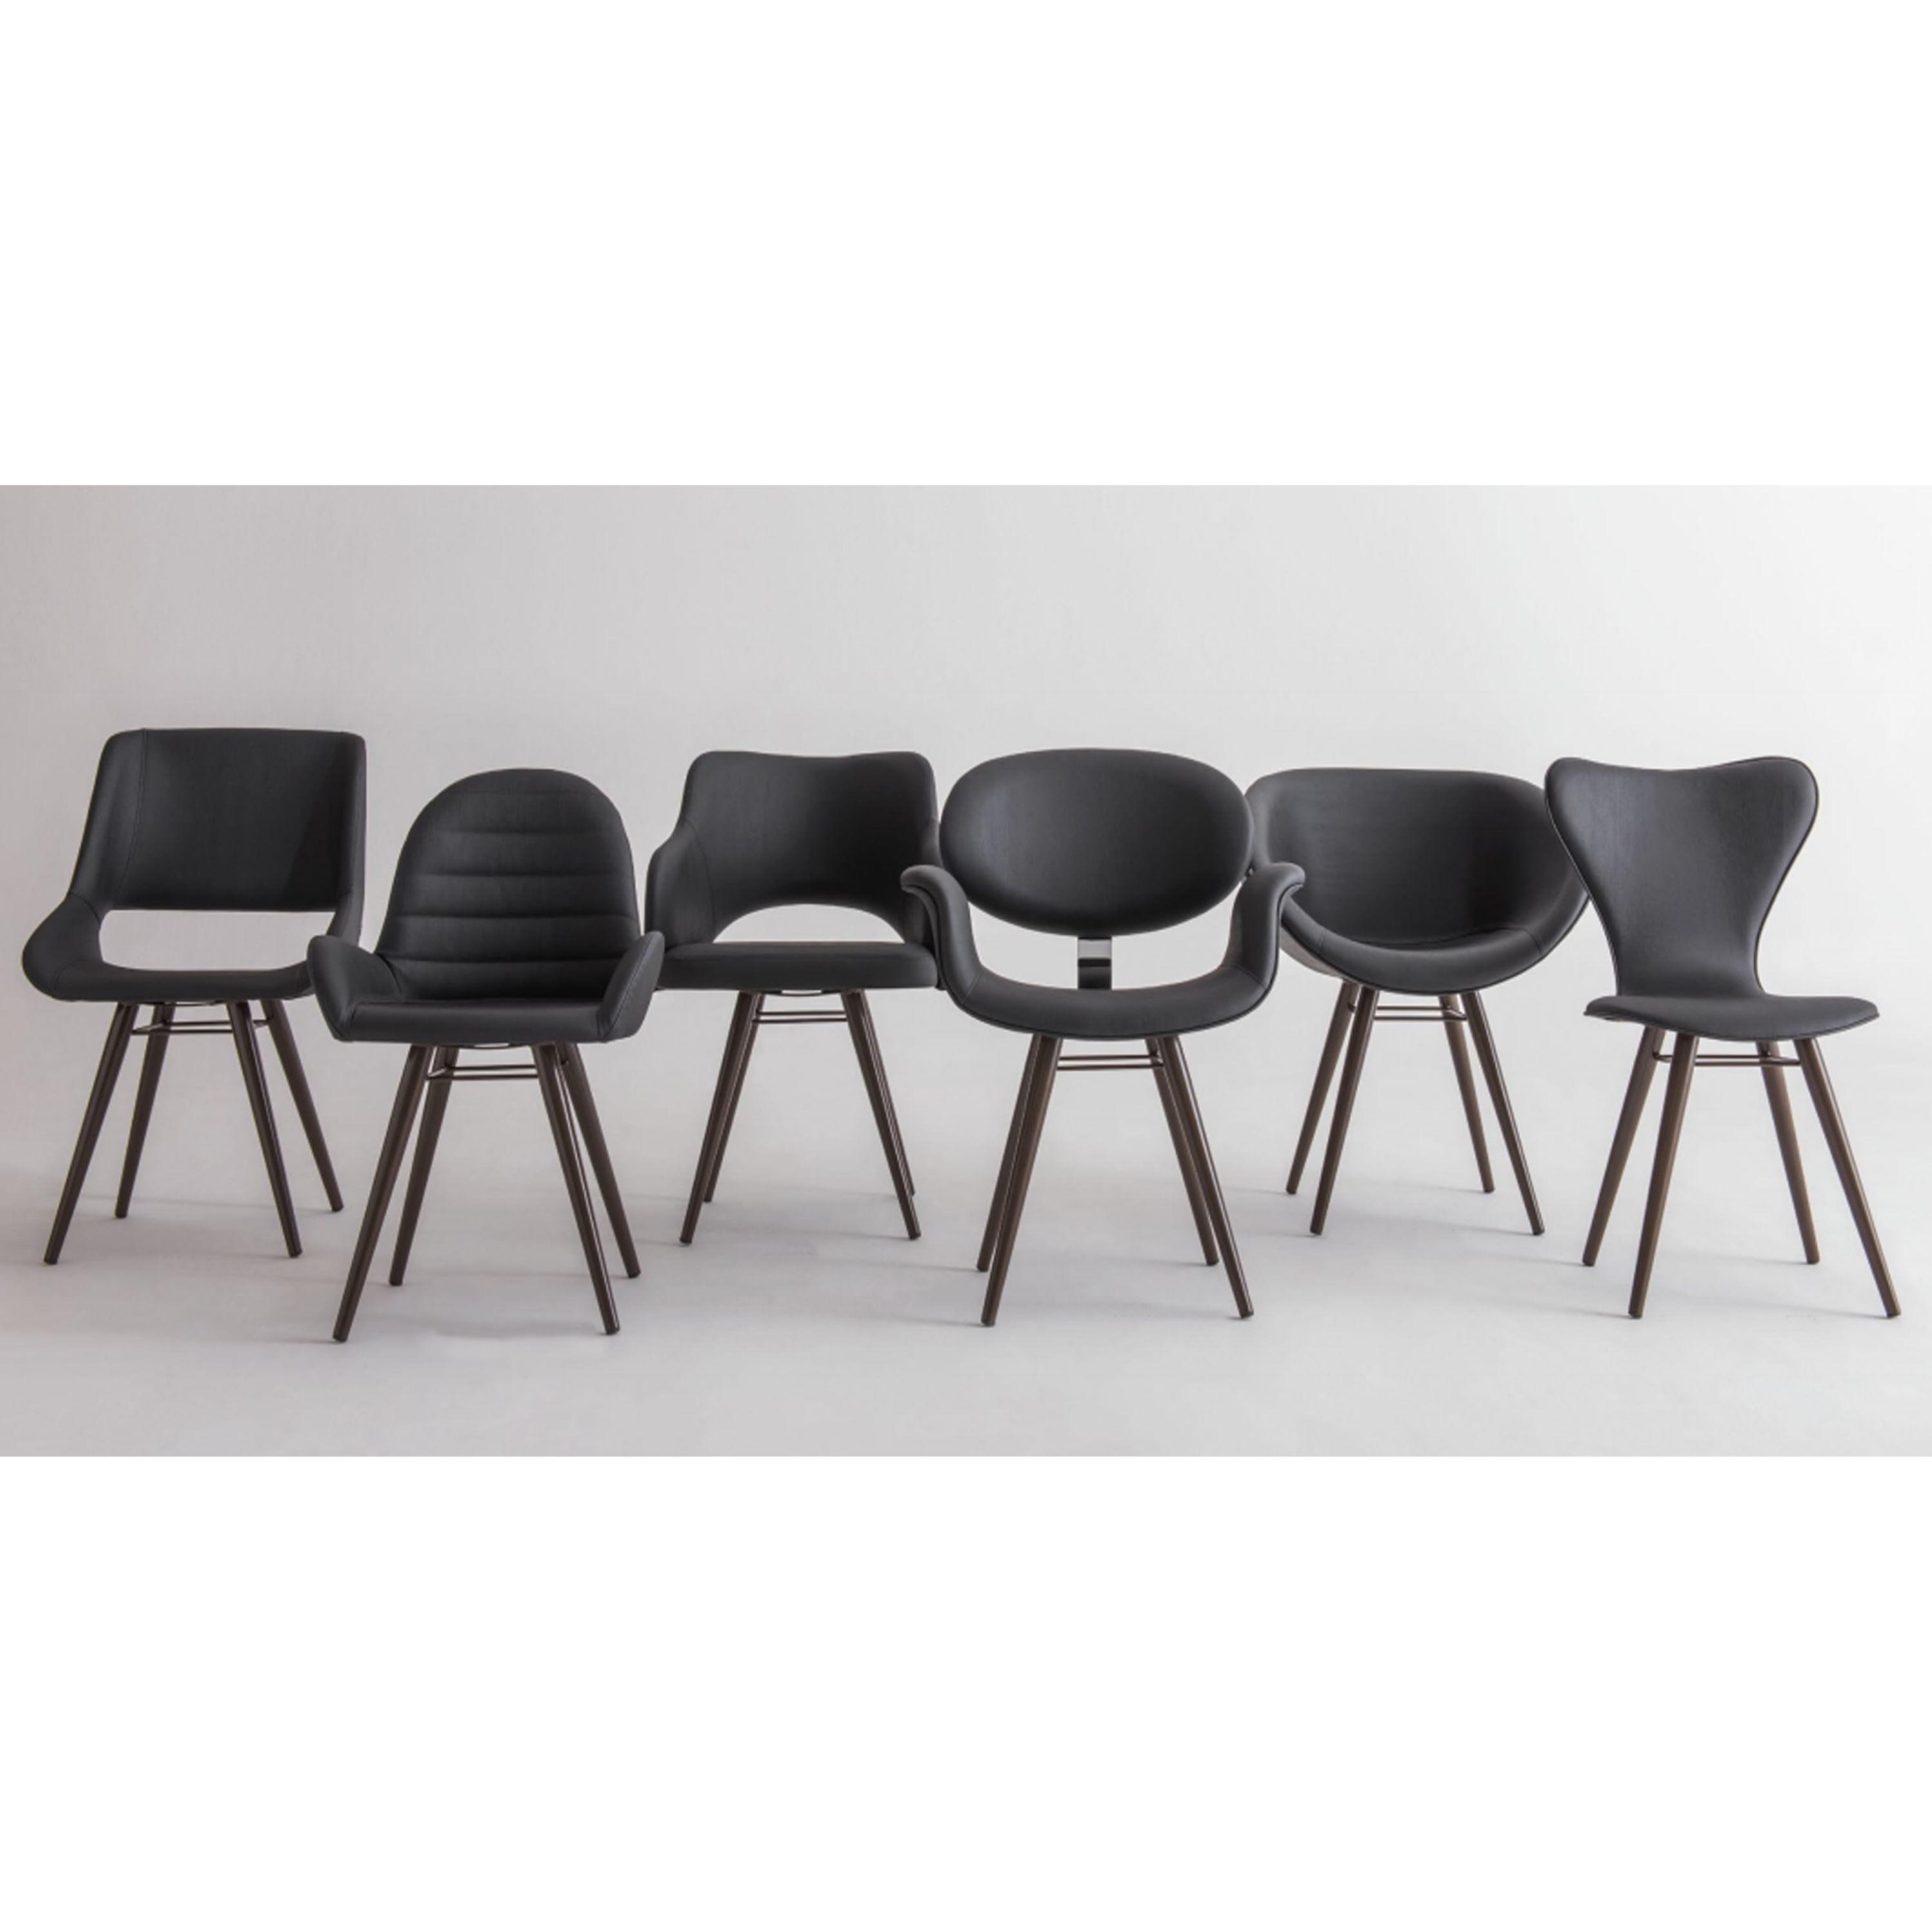 Cadeira Dife Assento Estofado Rustico Cru Base Tabaco - 55879